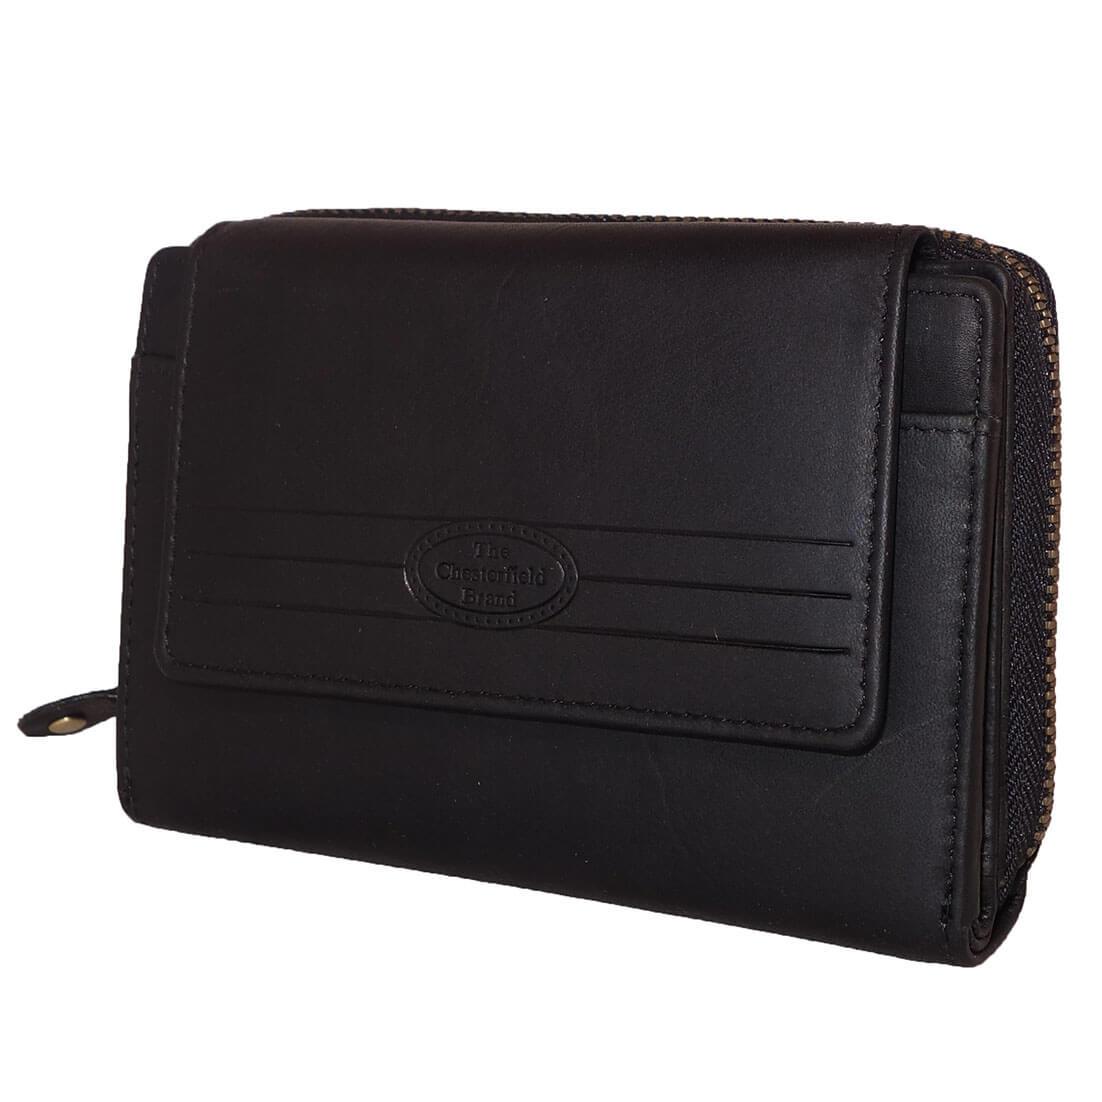 Chesterfield RFID Portemonnee met Drukknoop Zwart-0